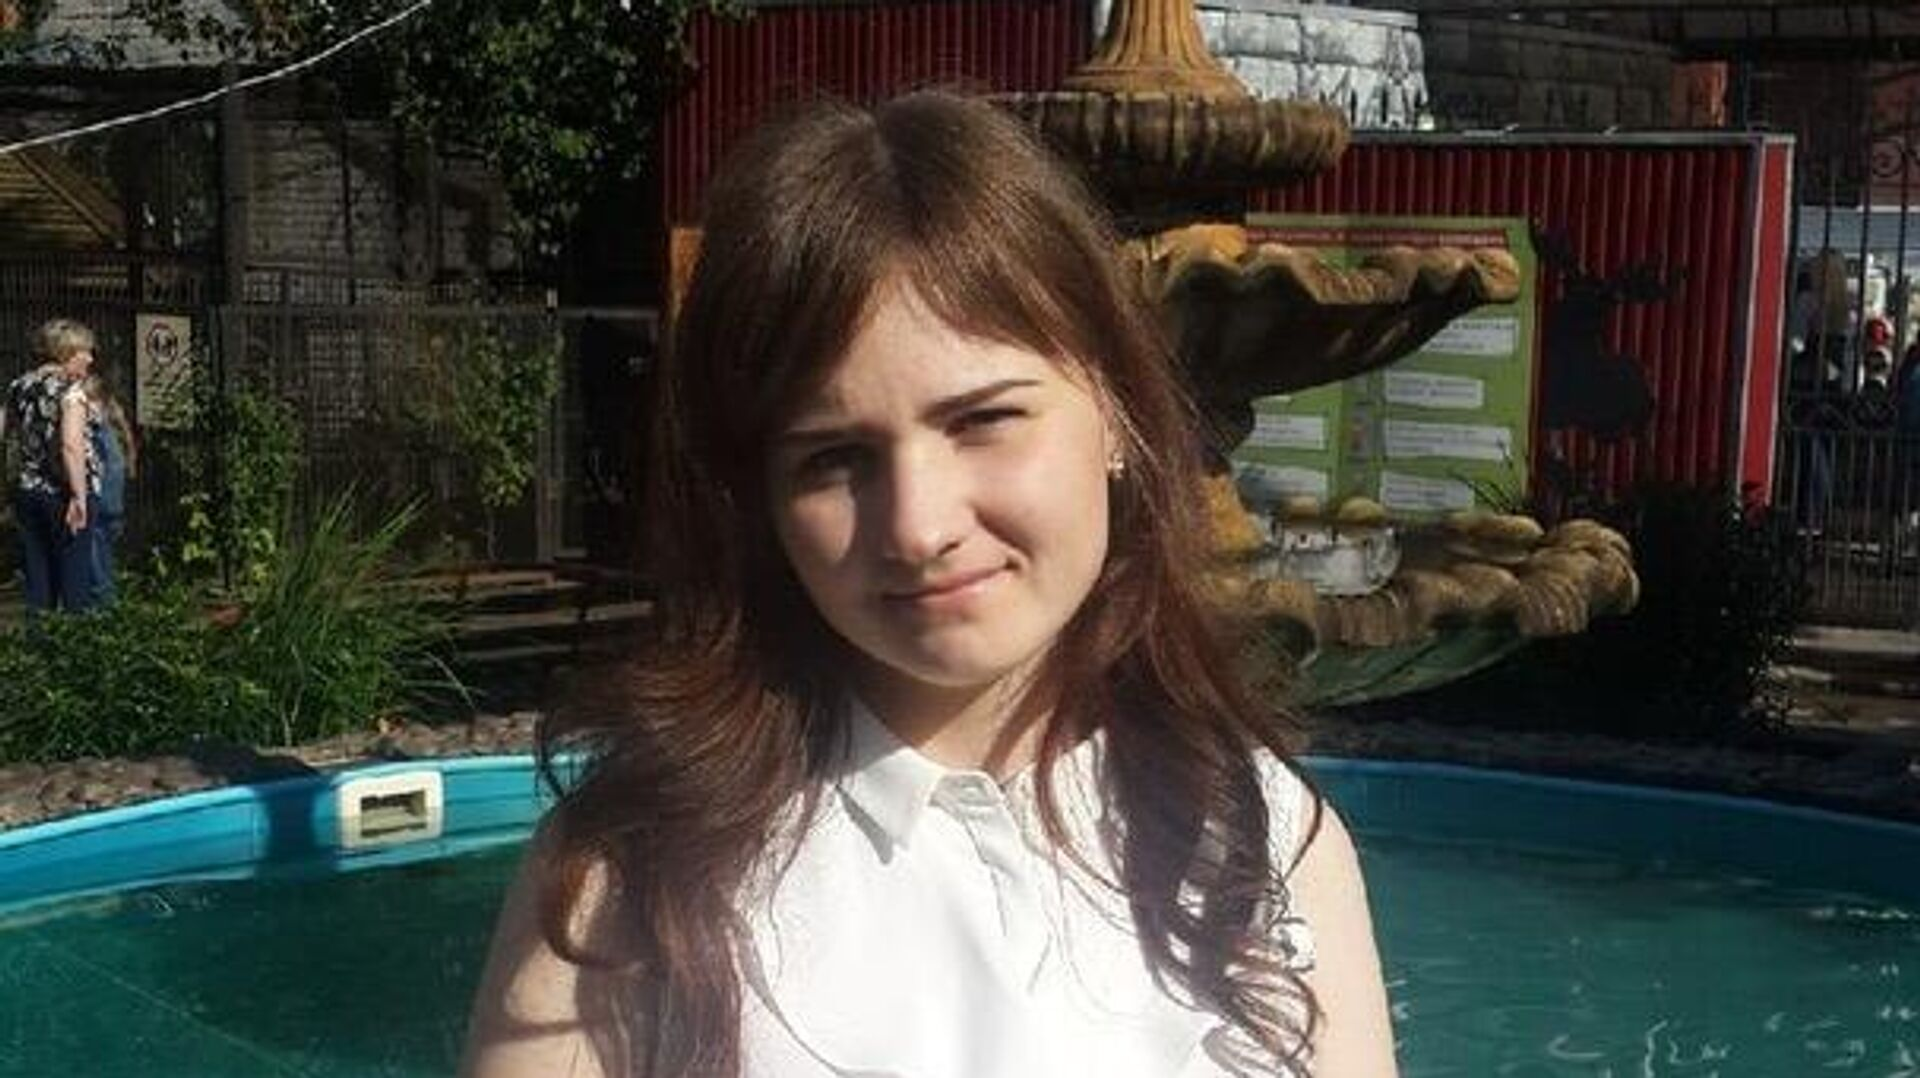 работа для девушек в перми от 16 лет